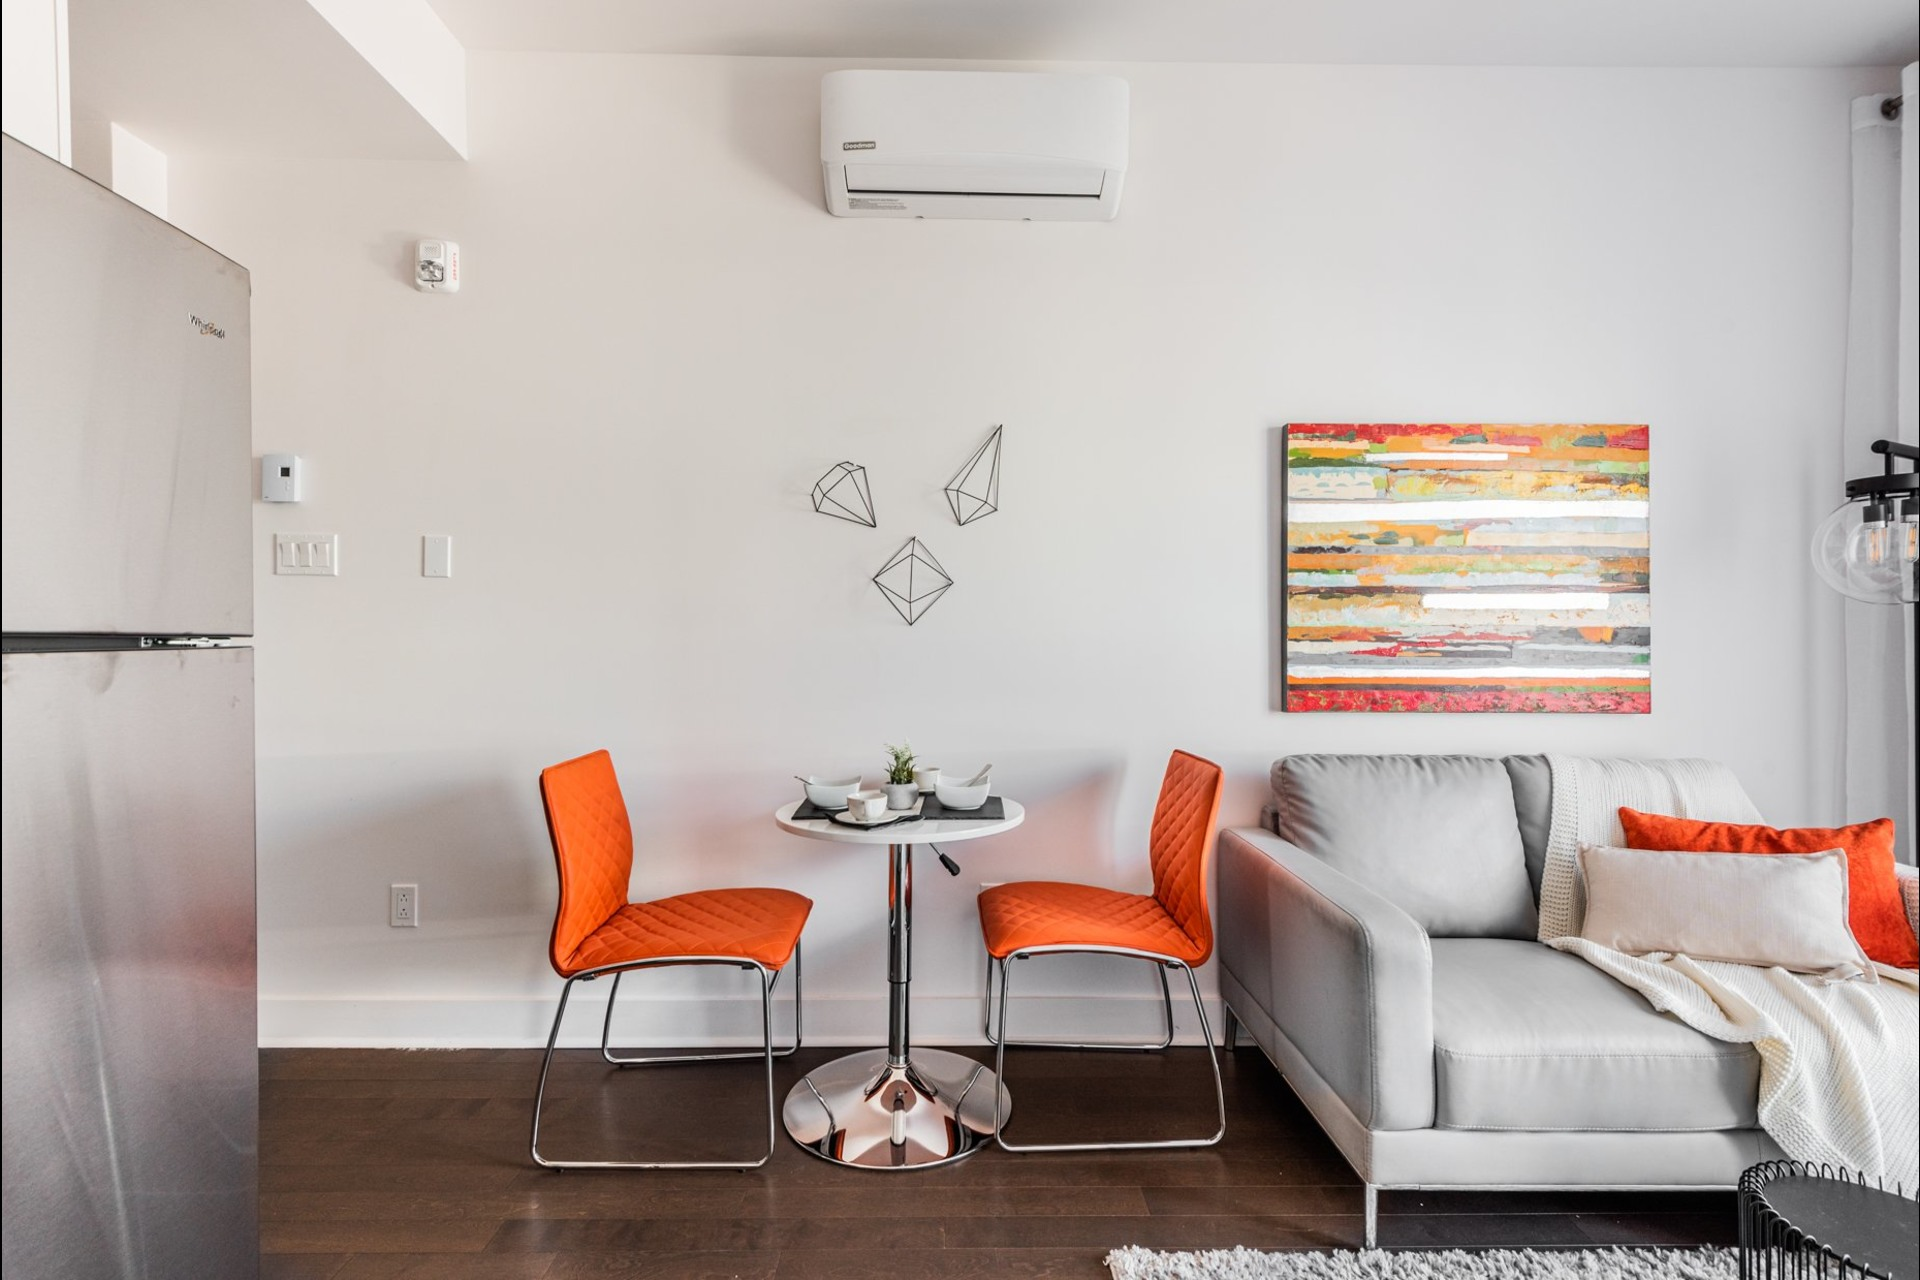 image 4 - Apartment For sale Villeray/Saint-Michel/Parc-Extension Montréal  - 3 rooms